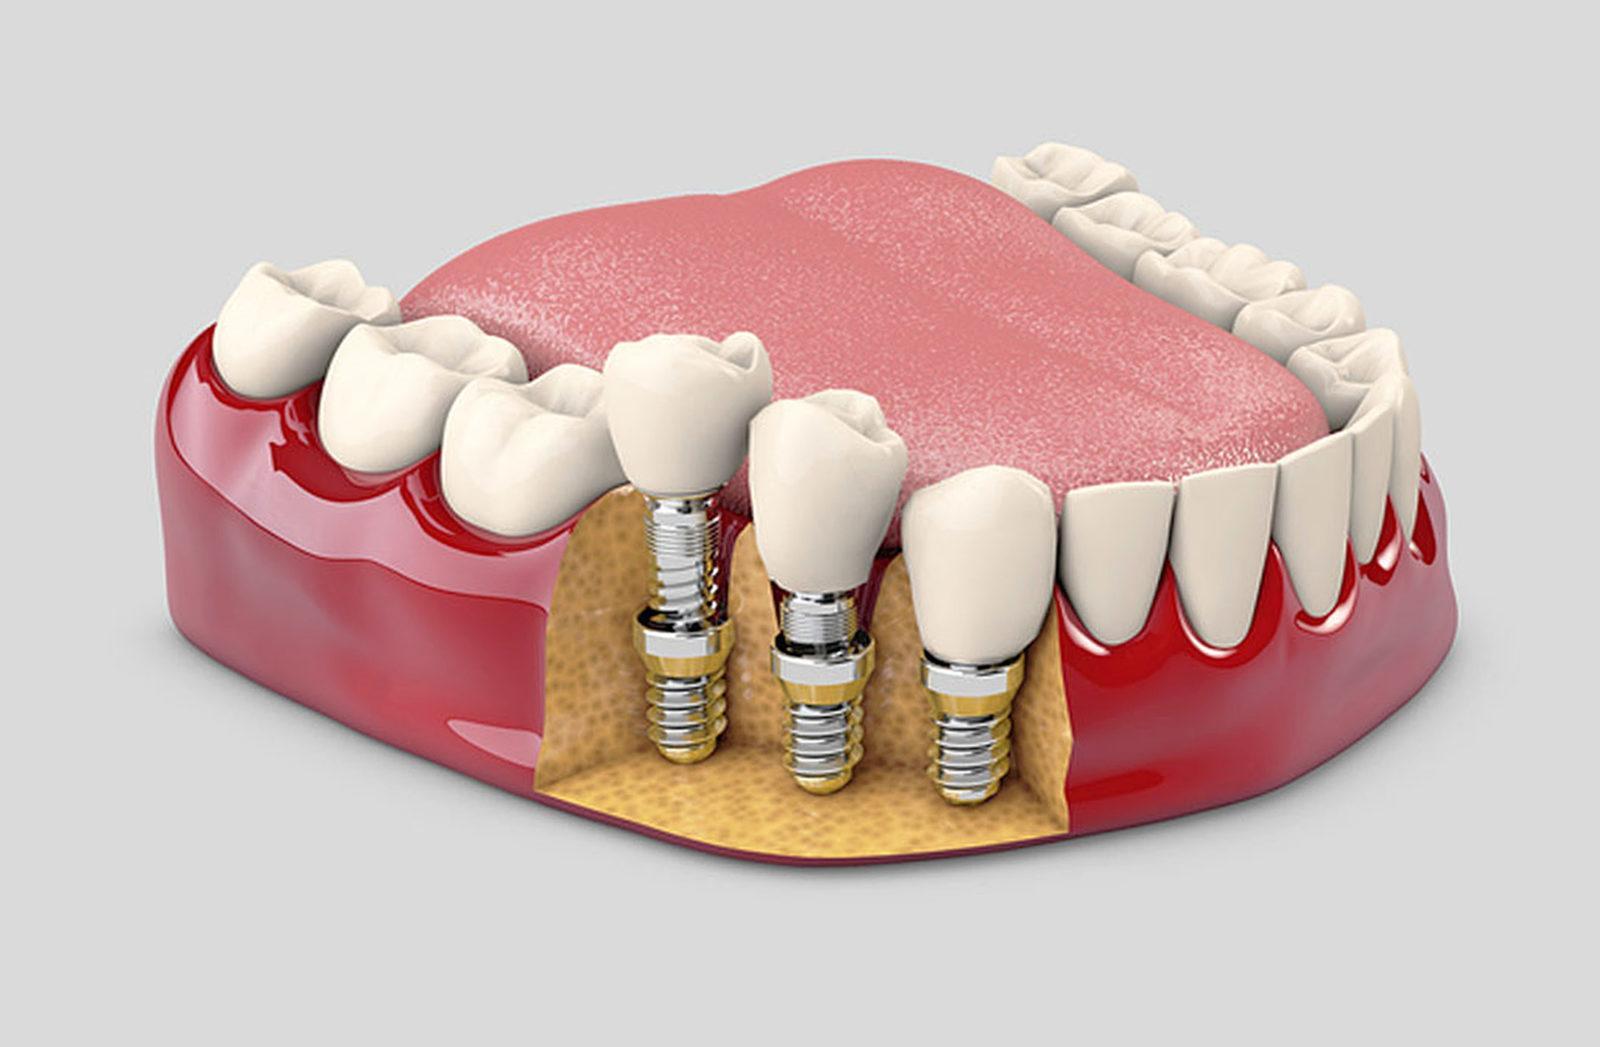 Имплант зуба: что это такое и зачем нужен